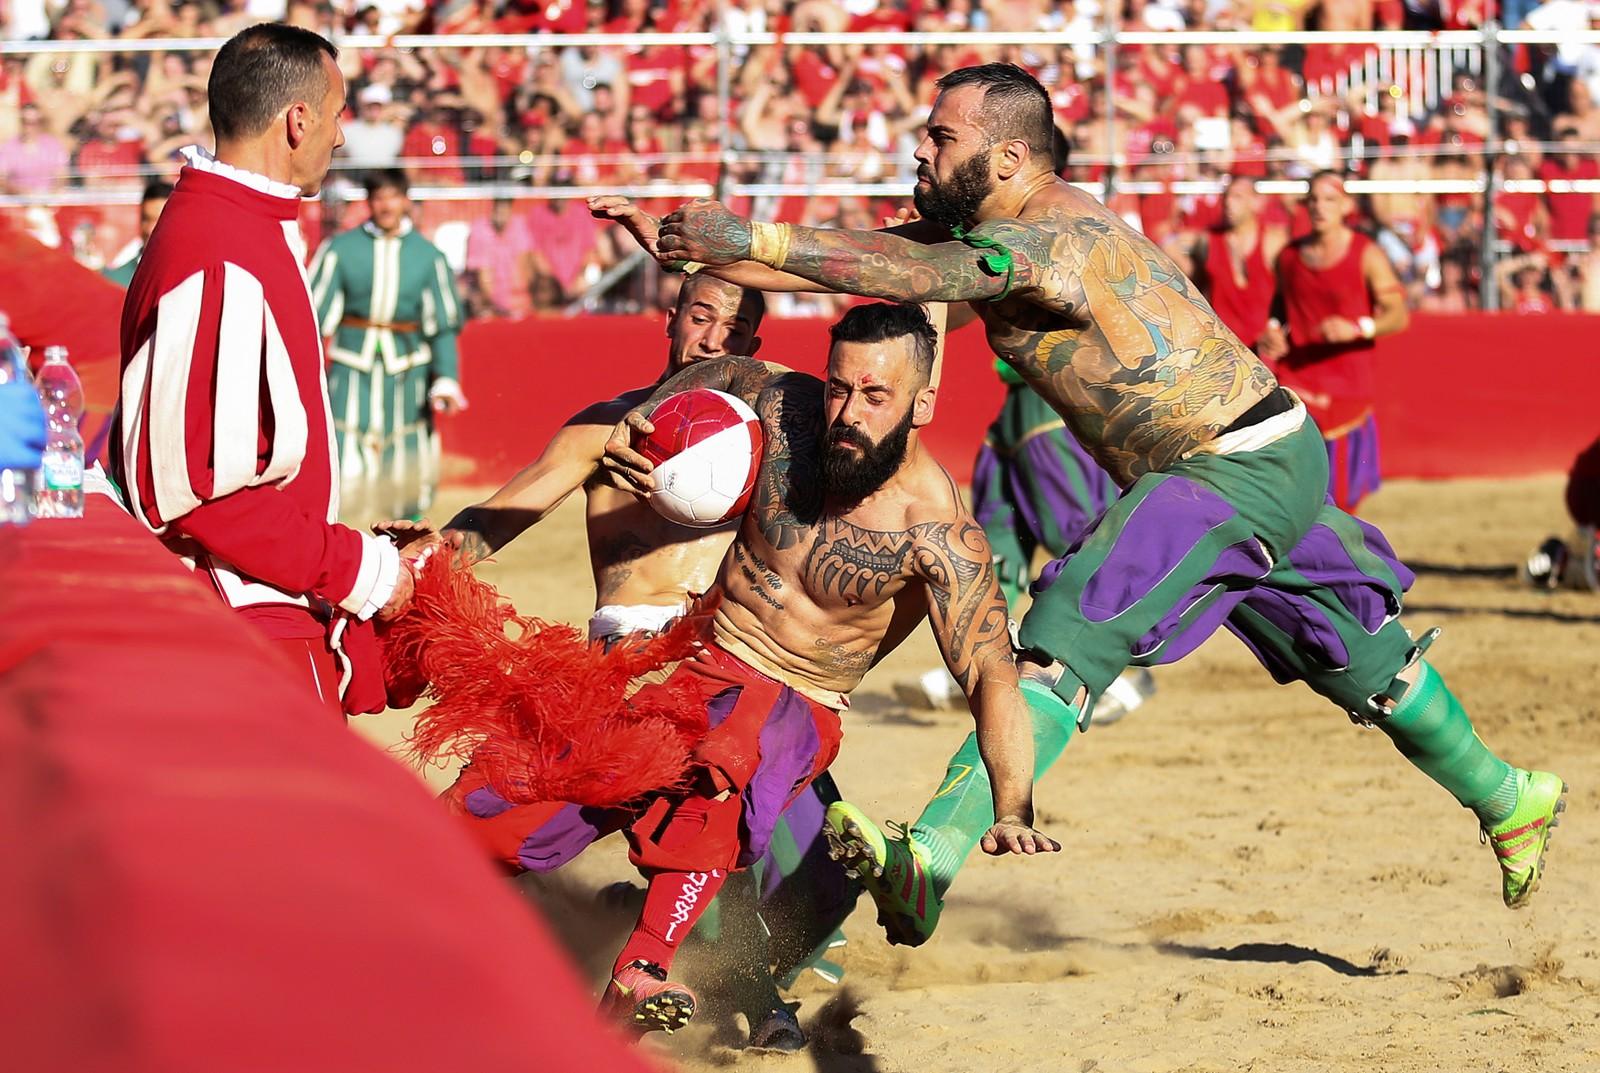 Det kalles Calcio Fiorentino, og arrangeres én gang i året i Firenze. Sporten stammer fra 1600-tallet. Fire klubber kjemper om å vinne de rugby-lignende kampene, der det meste er tillatt så lenge ikke flere angriper samme mann. Kampene spilles på sandbaner og varer i 50 minutter. Den som har fått ballen flest ganger i mål vinner. Her ser vi lagene Santa Maria Novella og San Giovanni barke sammen.